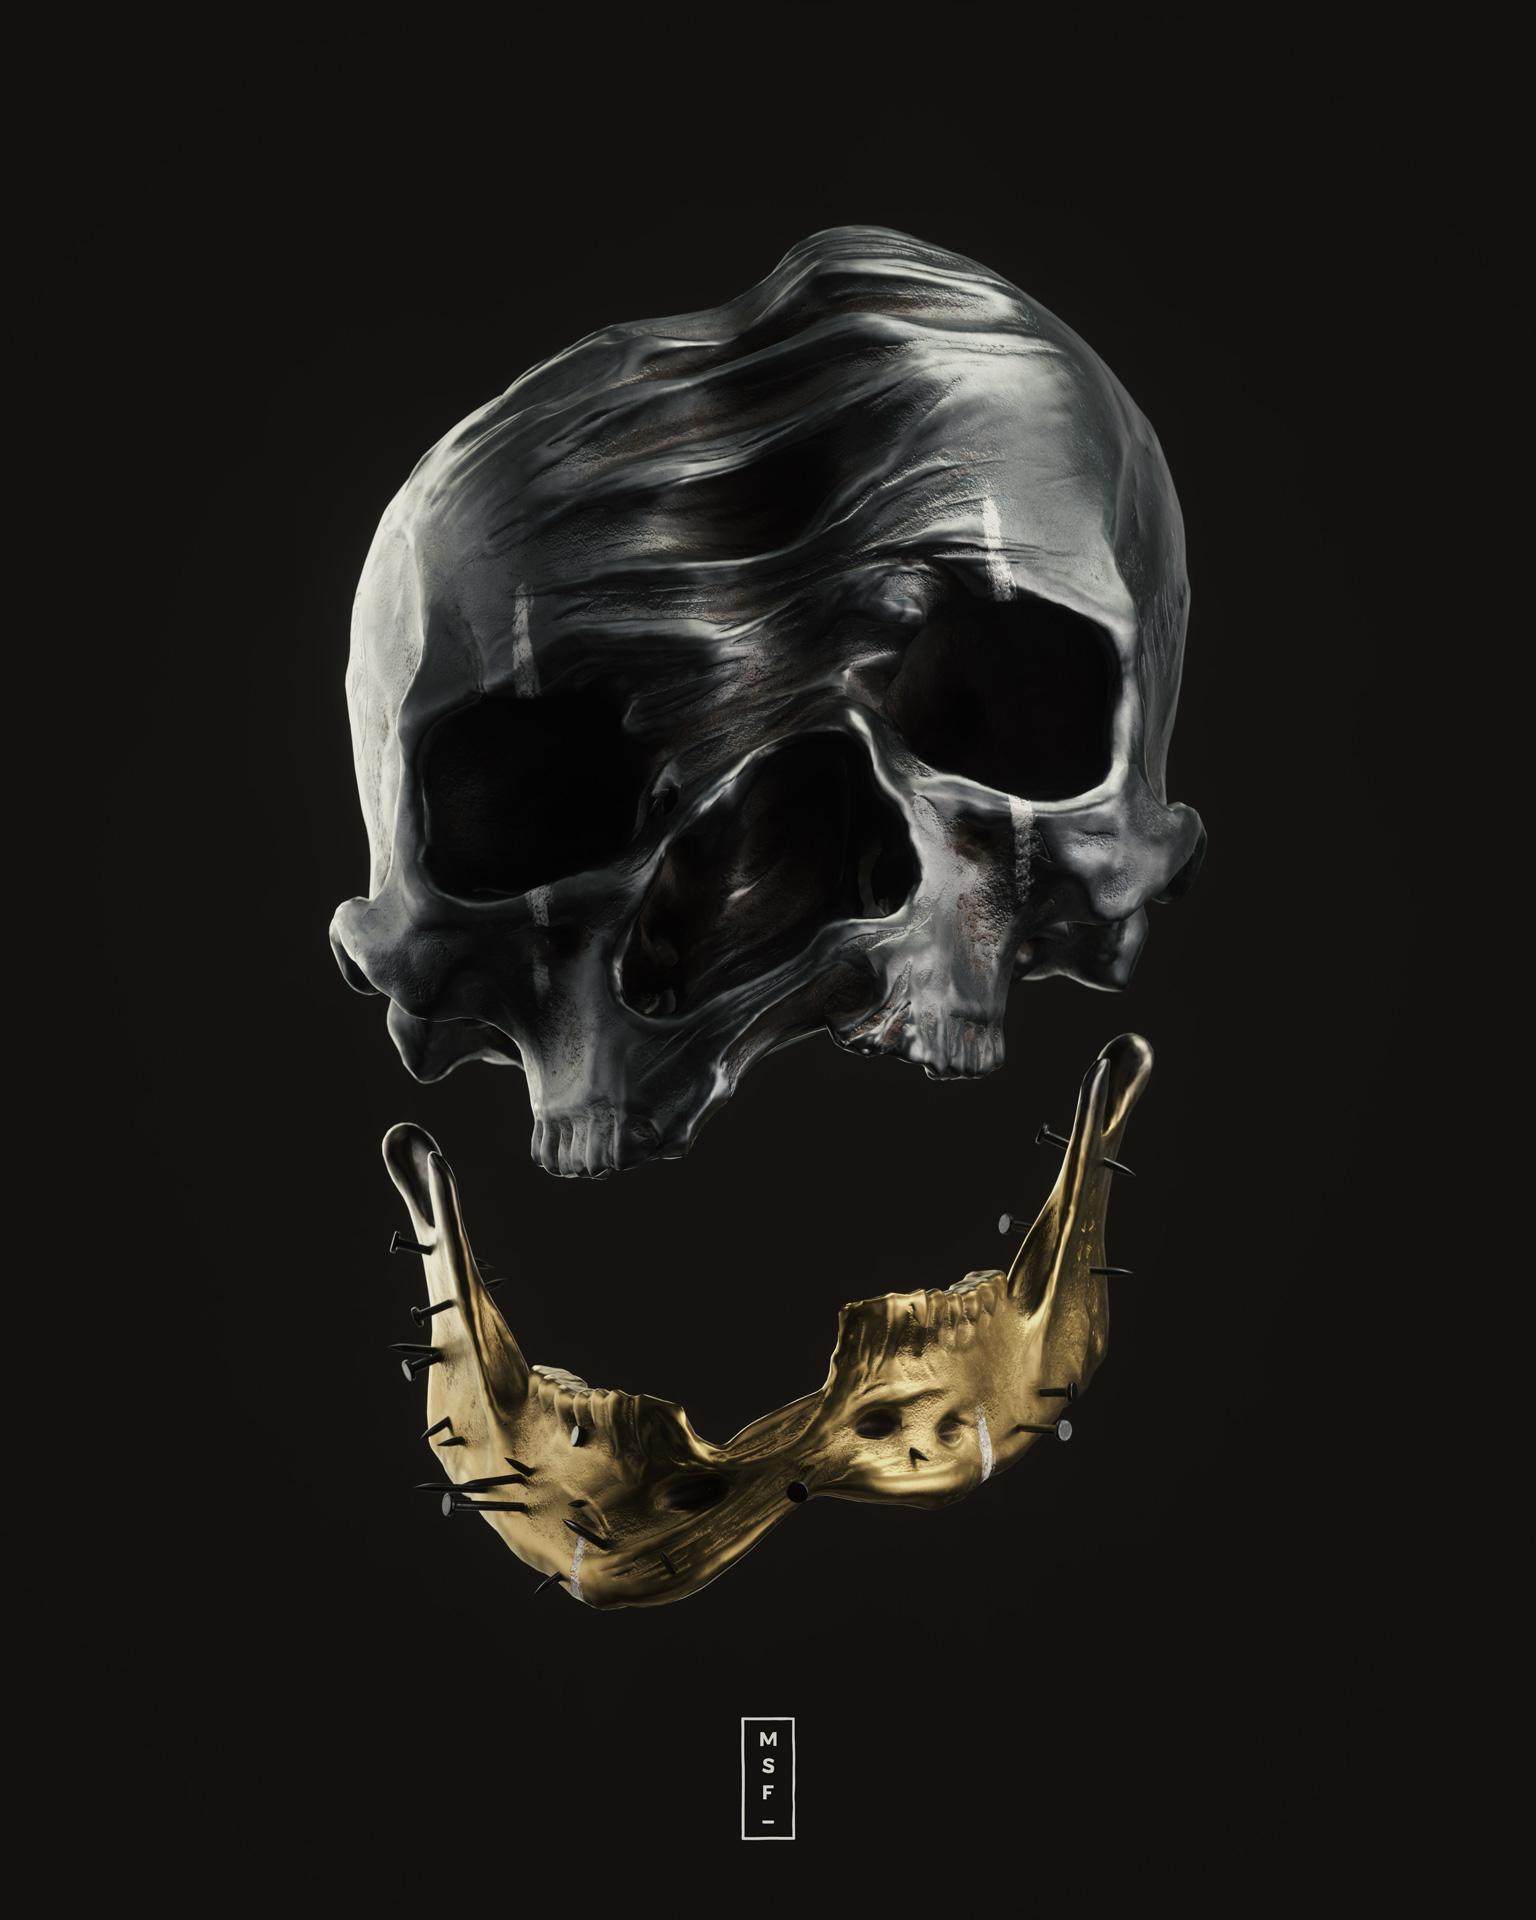 Discidium_2K_Black_Poster